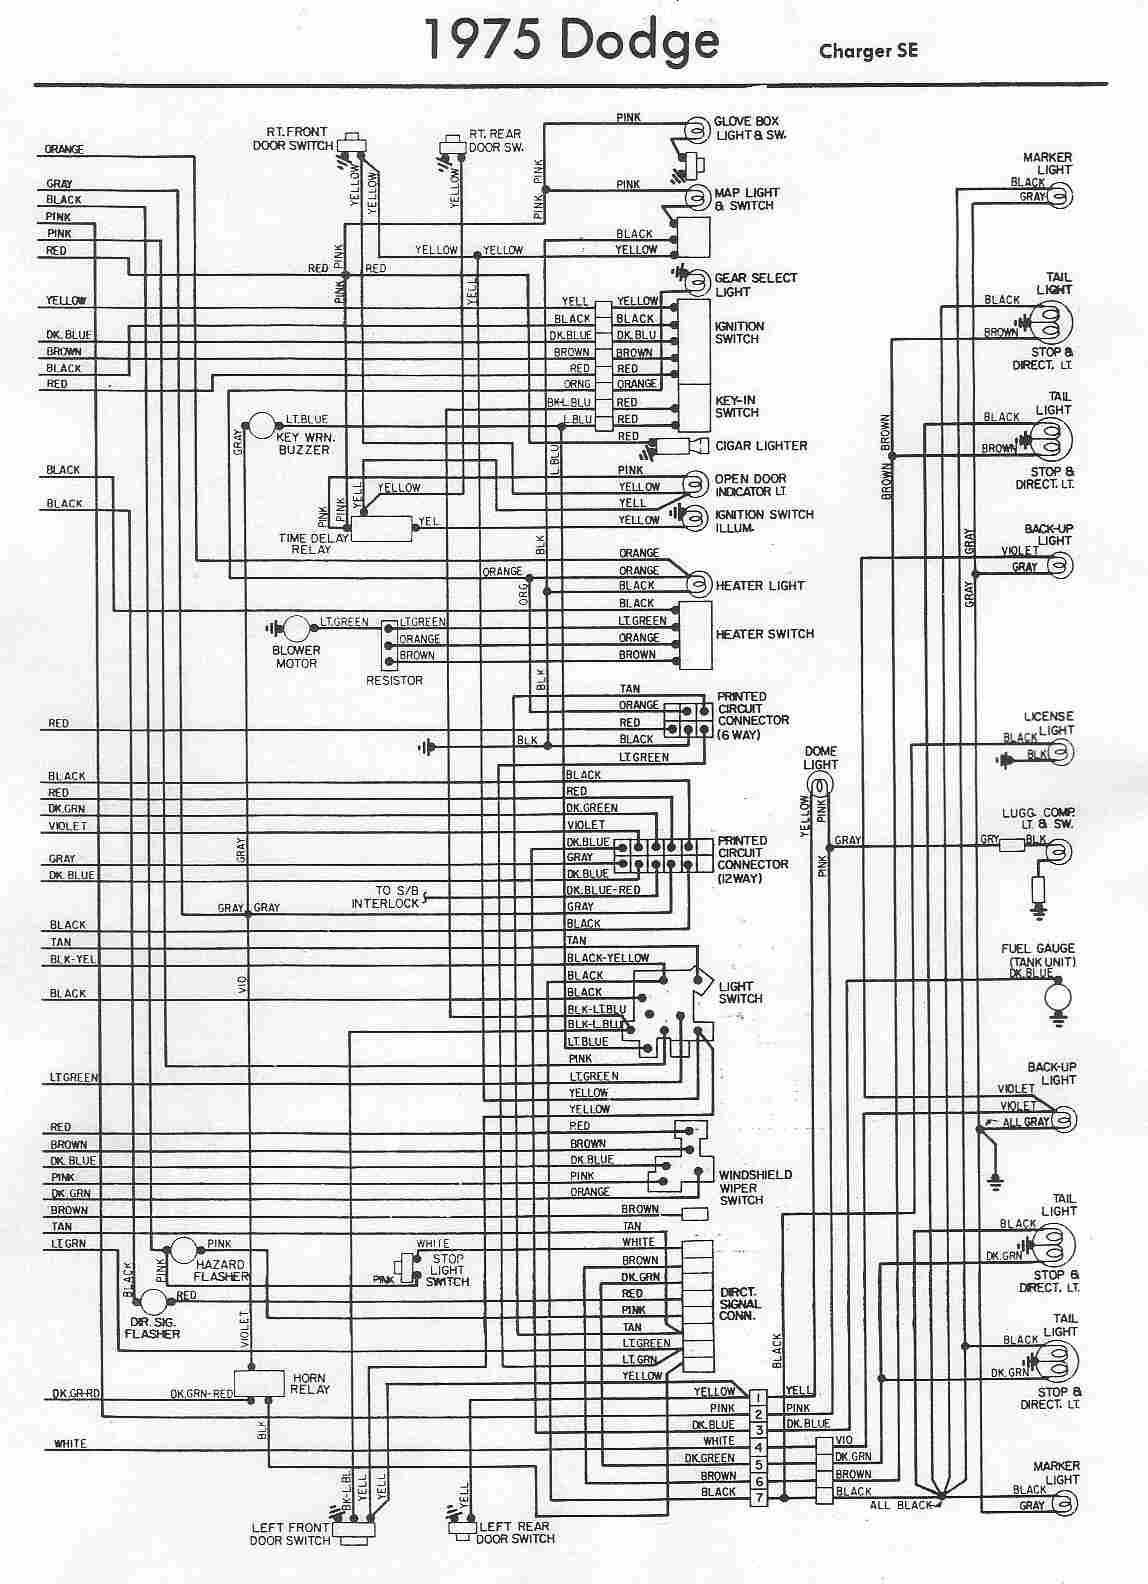 99 dodge wiper motor wiring diagram schematics wiring diagram 1994 nissan sentra engine 1994 dodge spirit engine diagram [ 1148 x 1584 Pixel ]